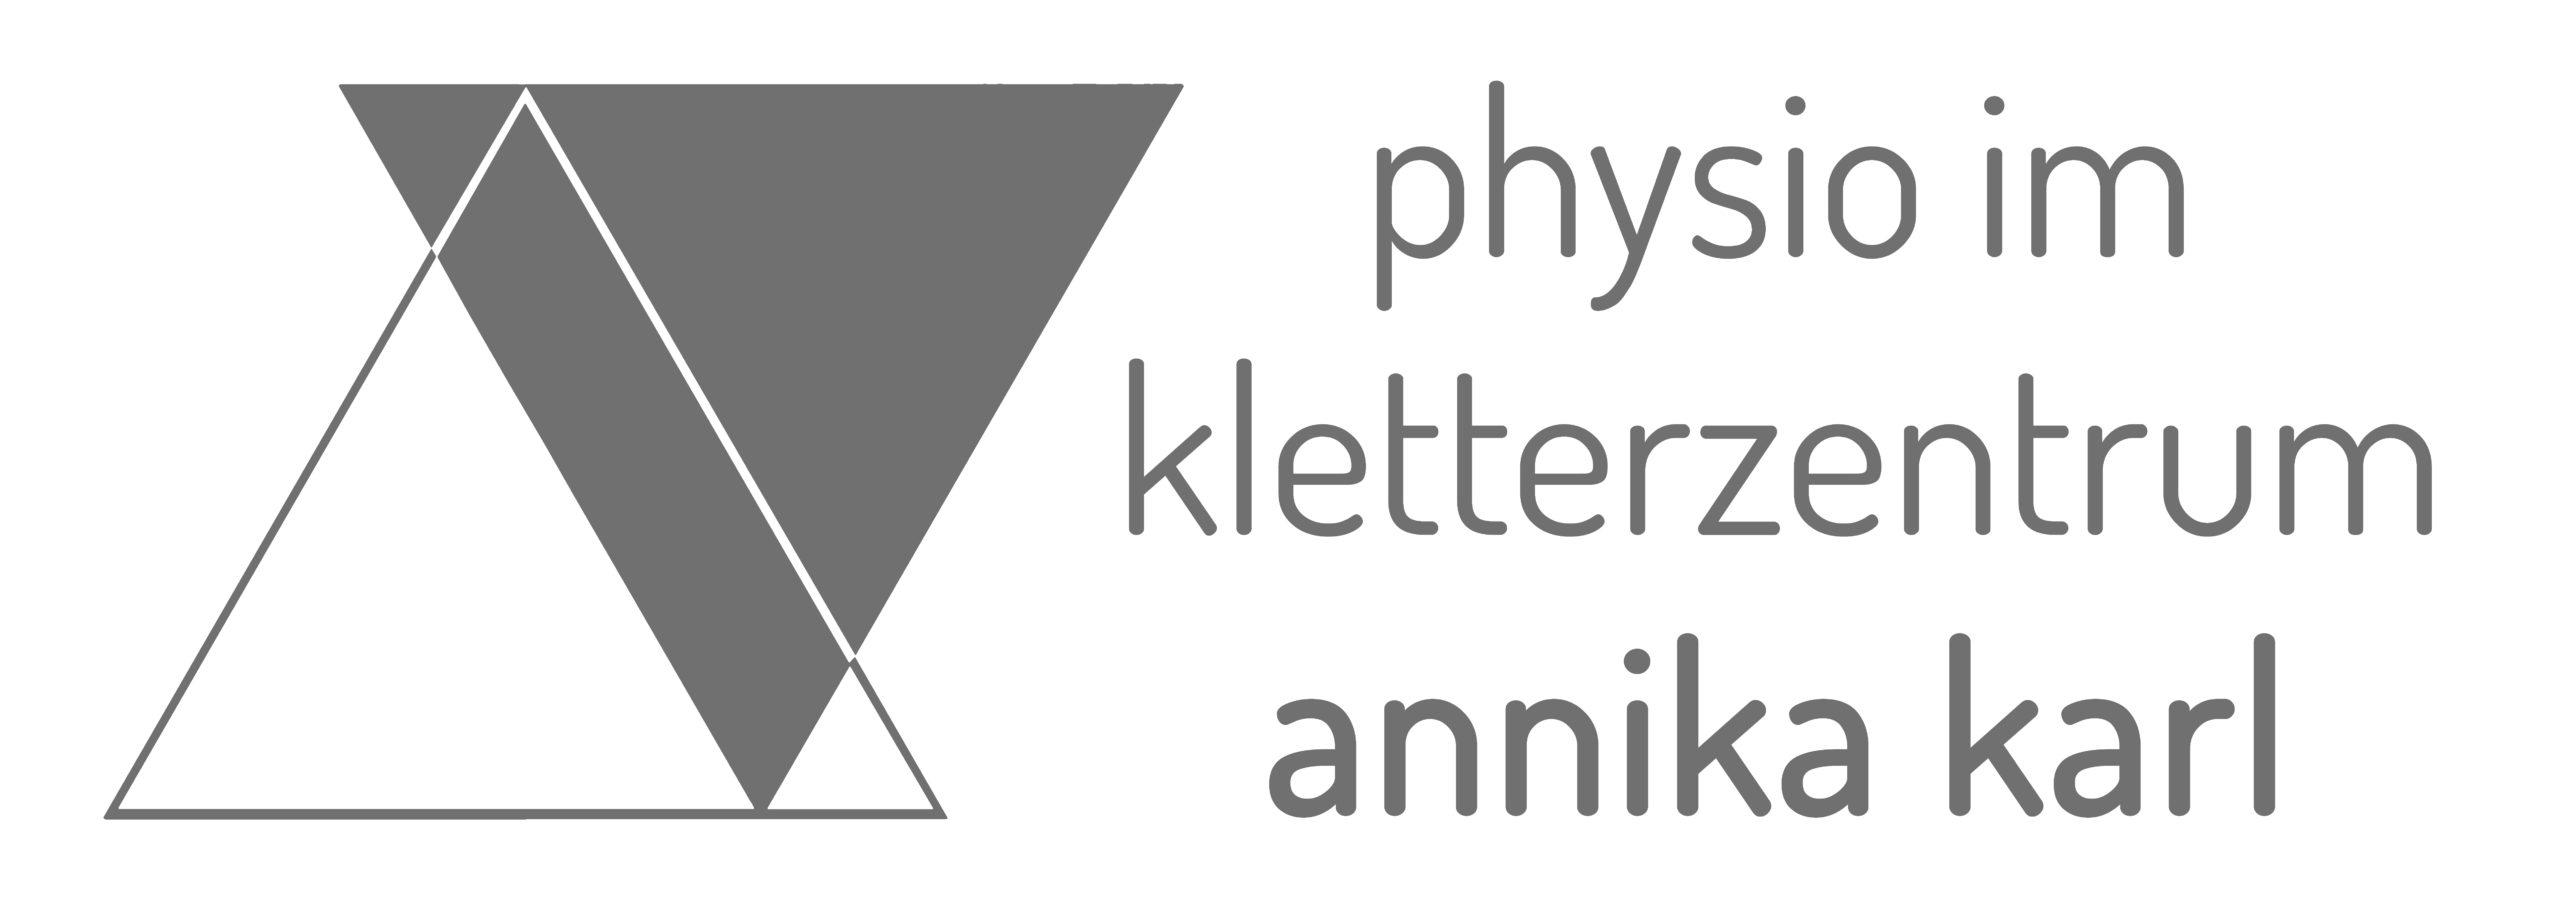 Physio im Kletterzentrum